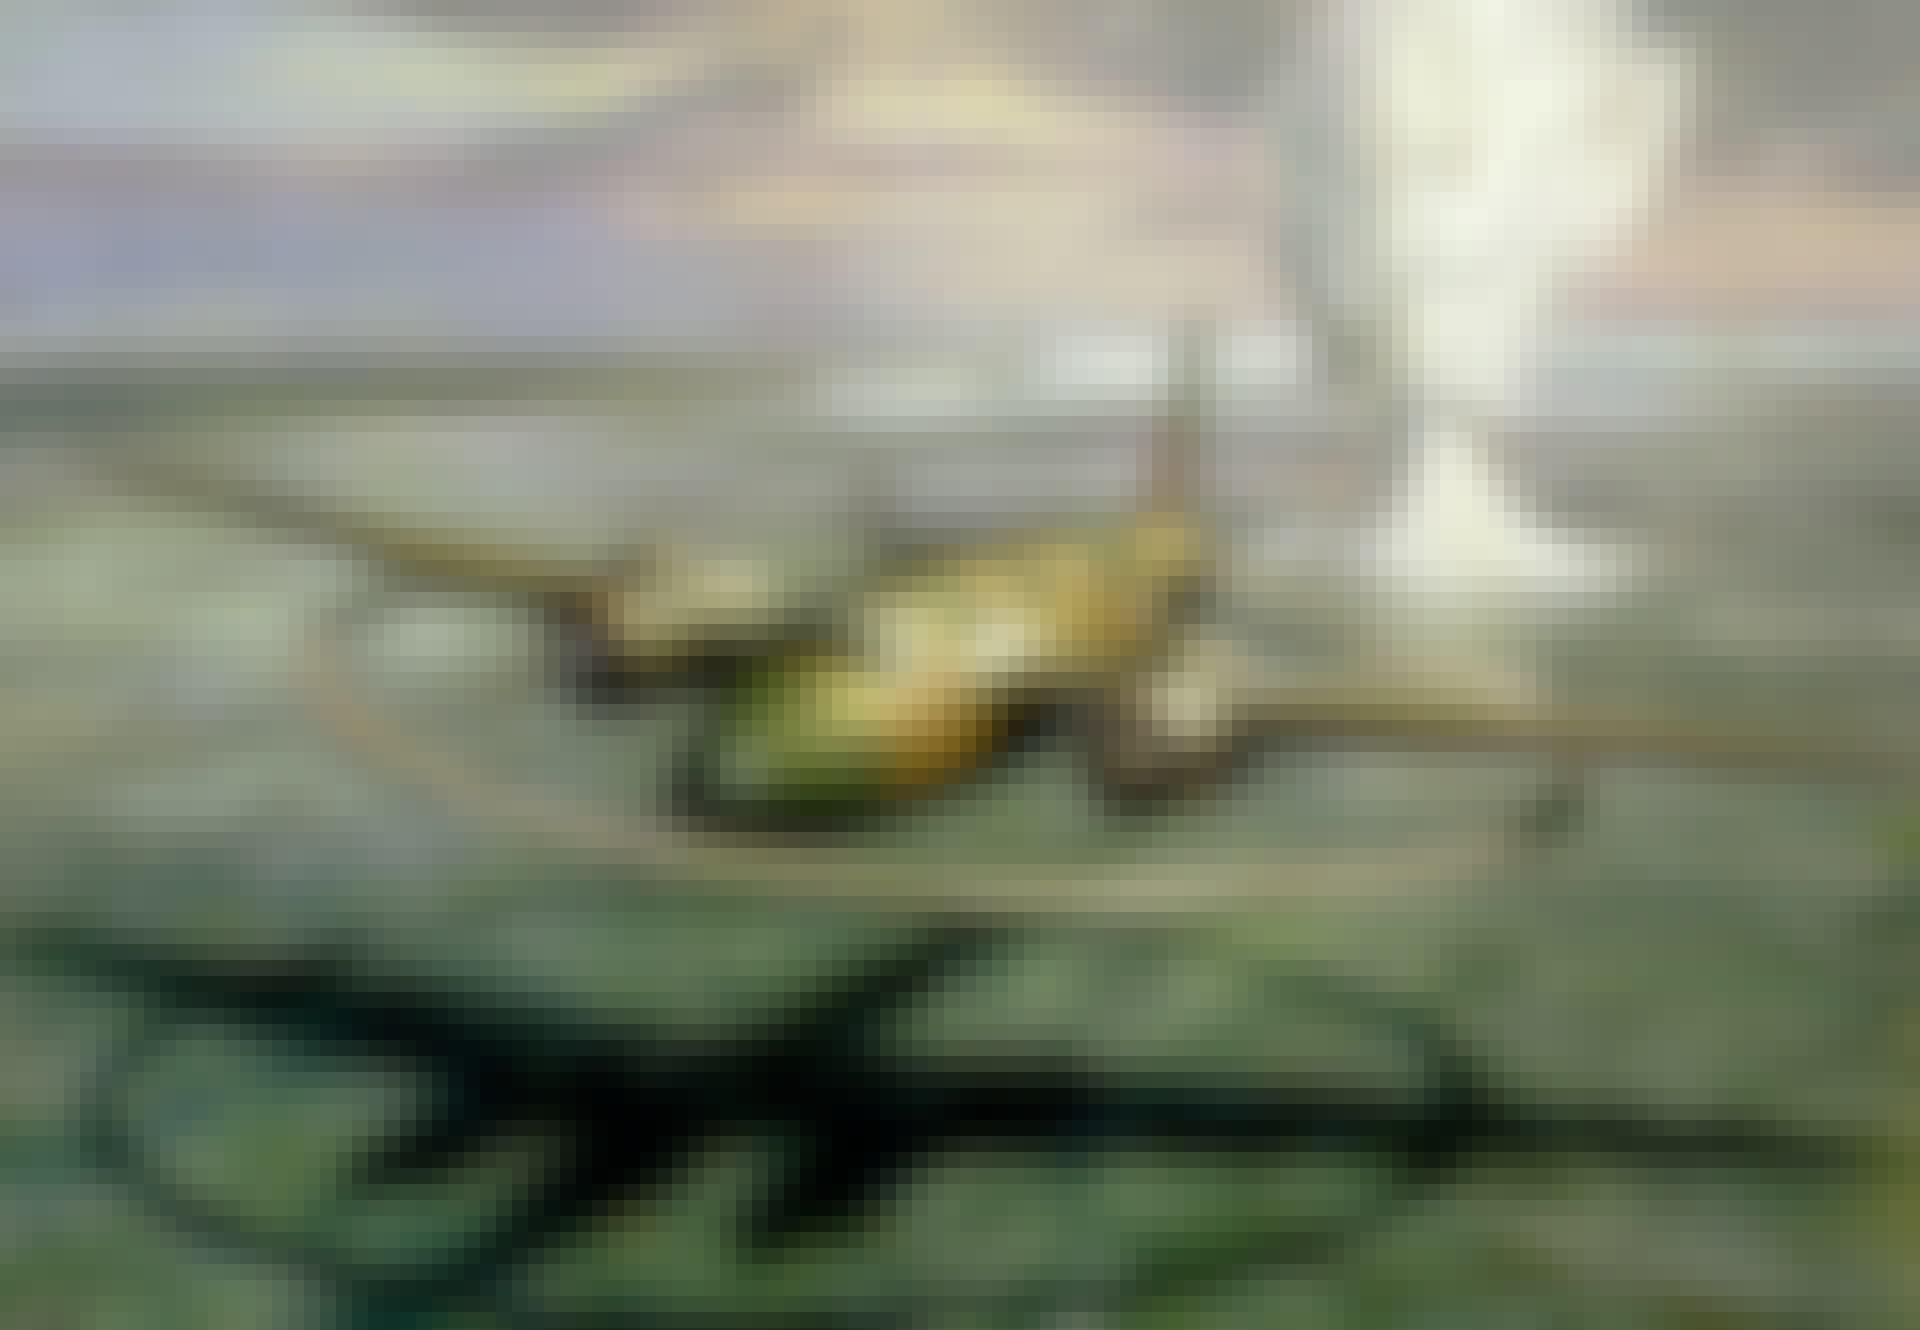 Megneetvliegtuig, magneetmijn, Tweede Wereldoorlog